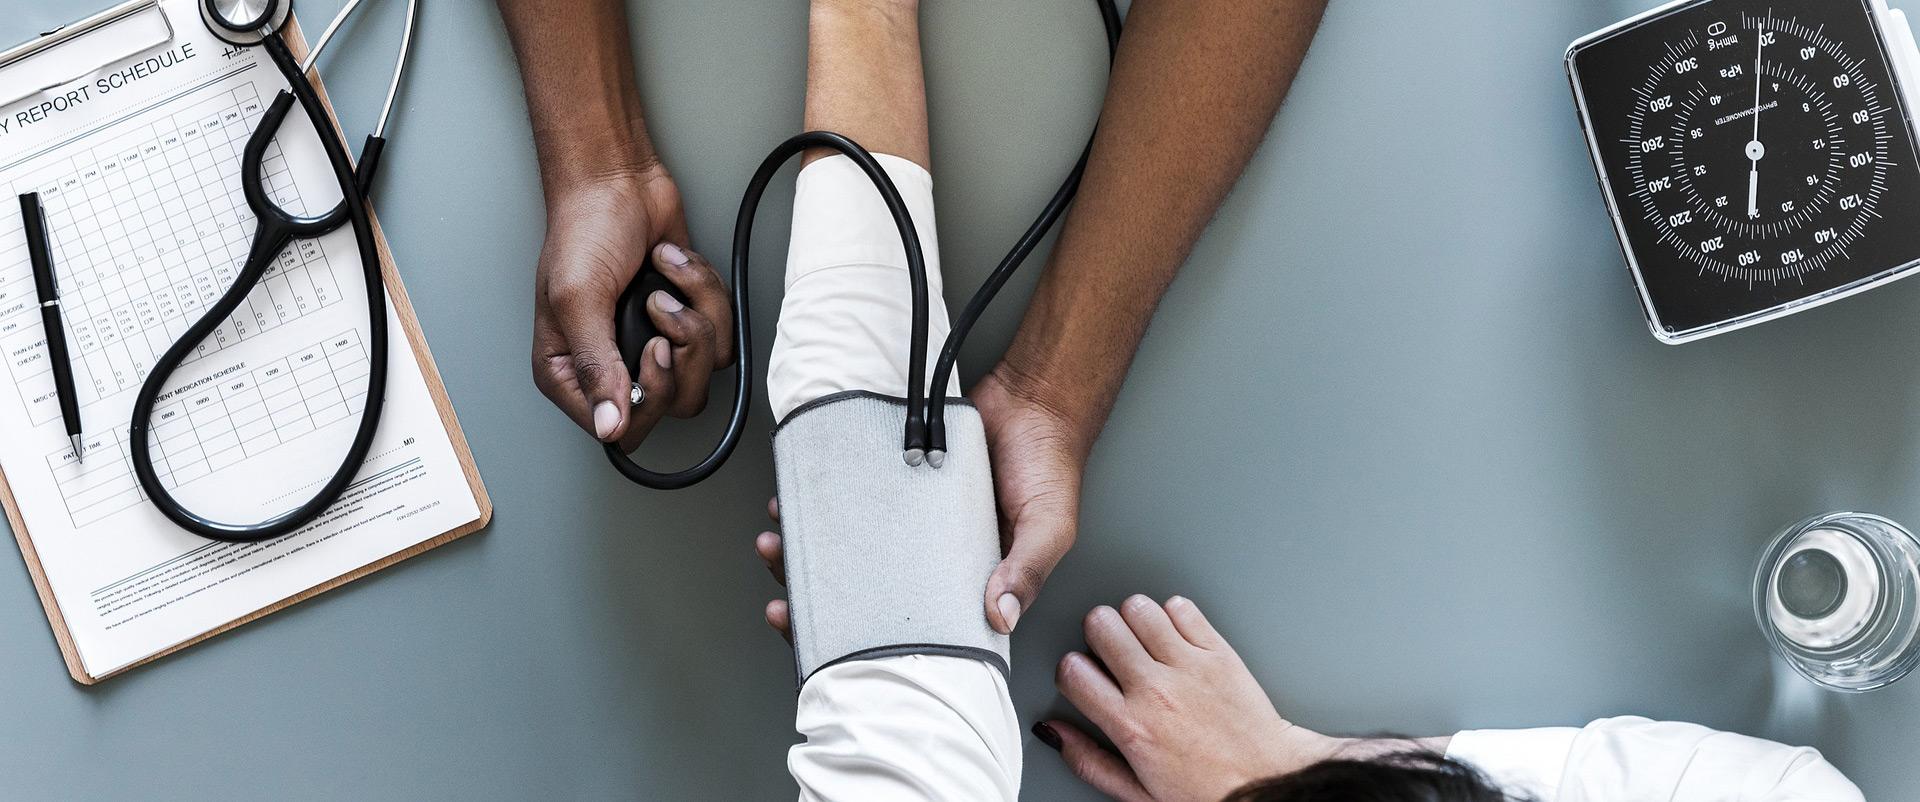 센서가 내장된 기기에서 수집·분석된  자신의 라이프 로그(life log) 정보를 통해 건강